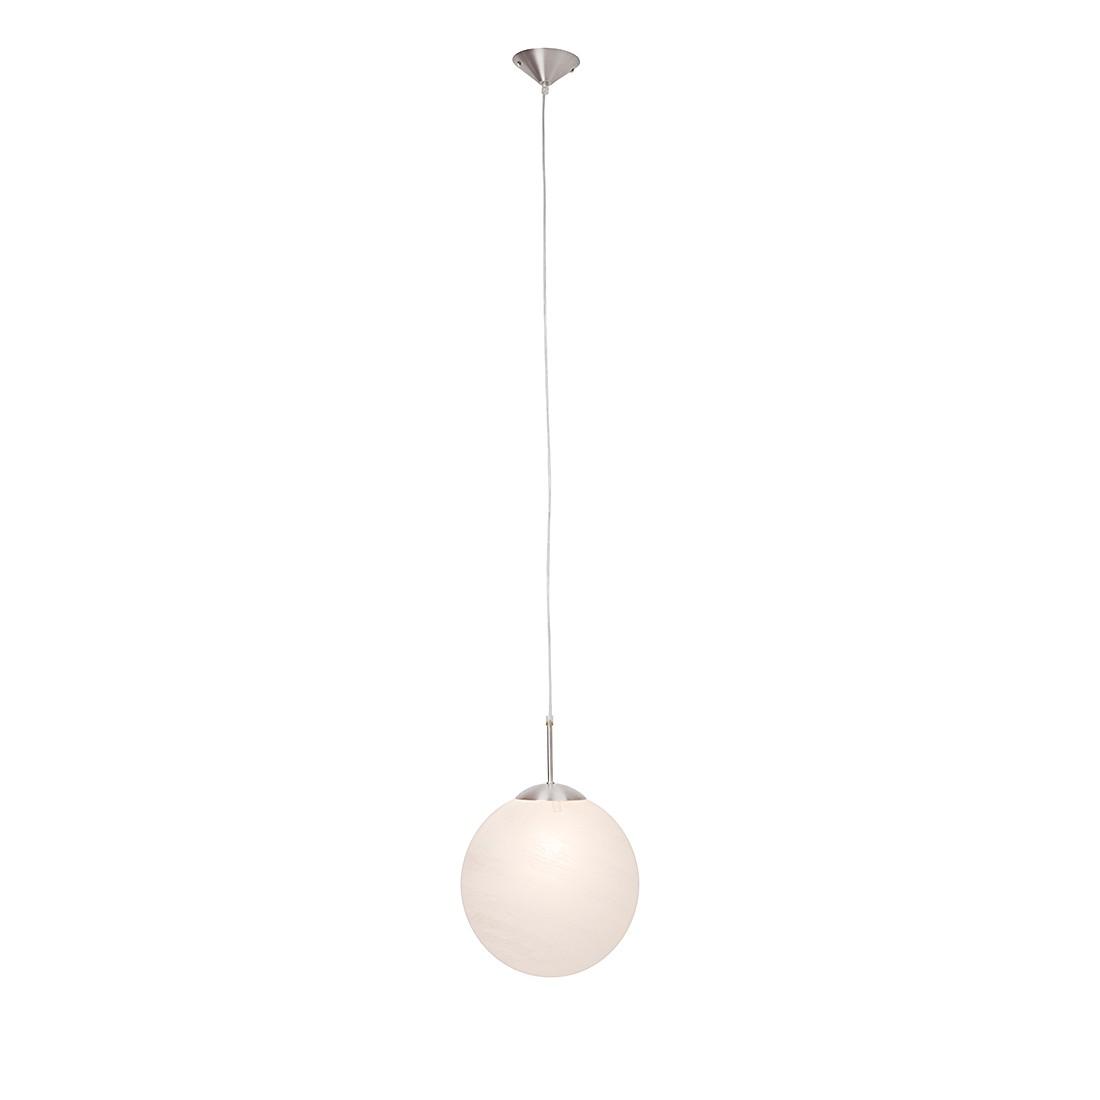 EEK A++, Pendelleuchten Sally – Aluminium/Glas/Metall – Weiß – 1-flammig, Brilliant kaufen